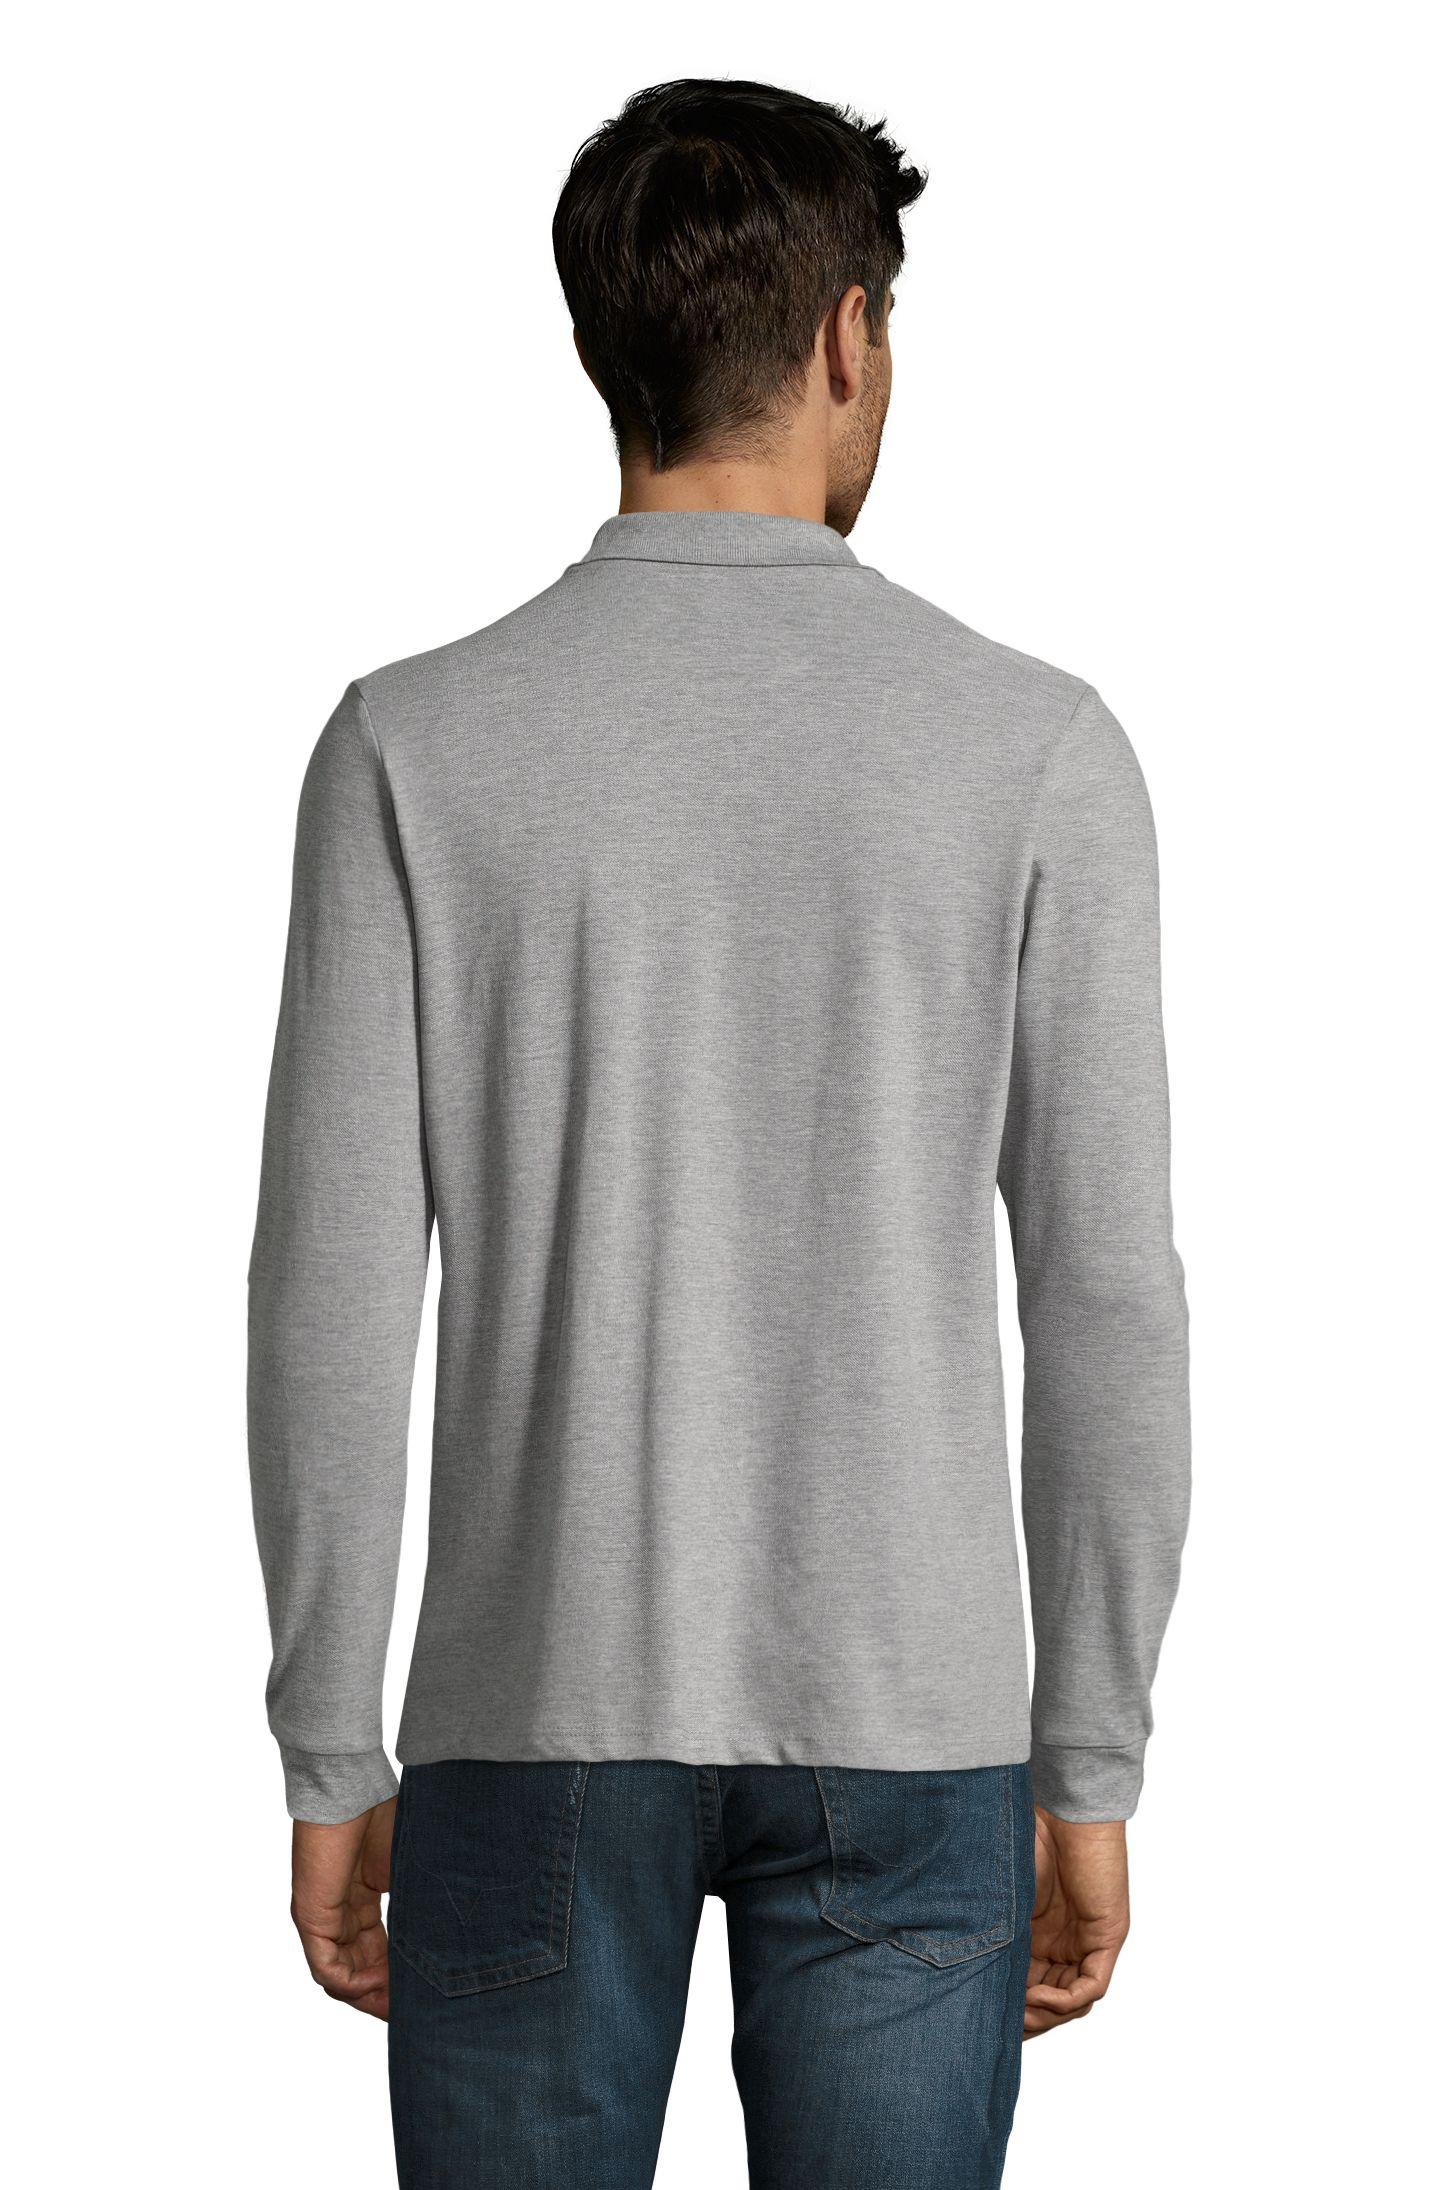 360 - Grey melange